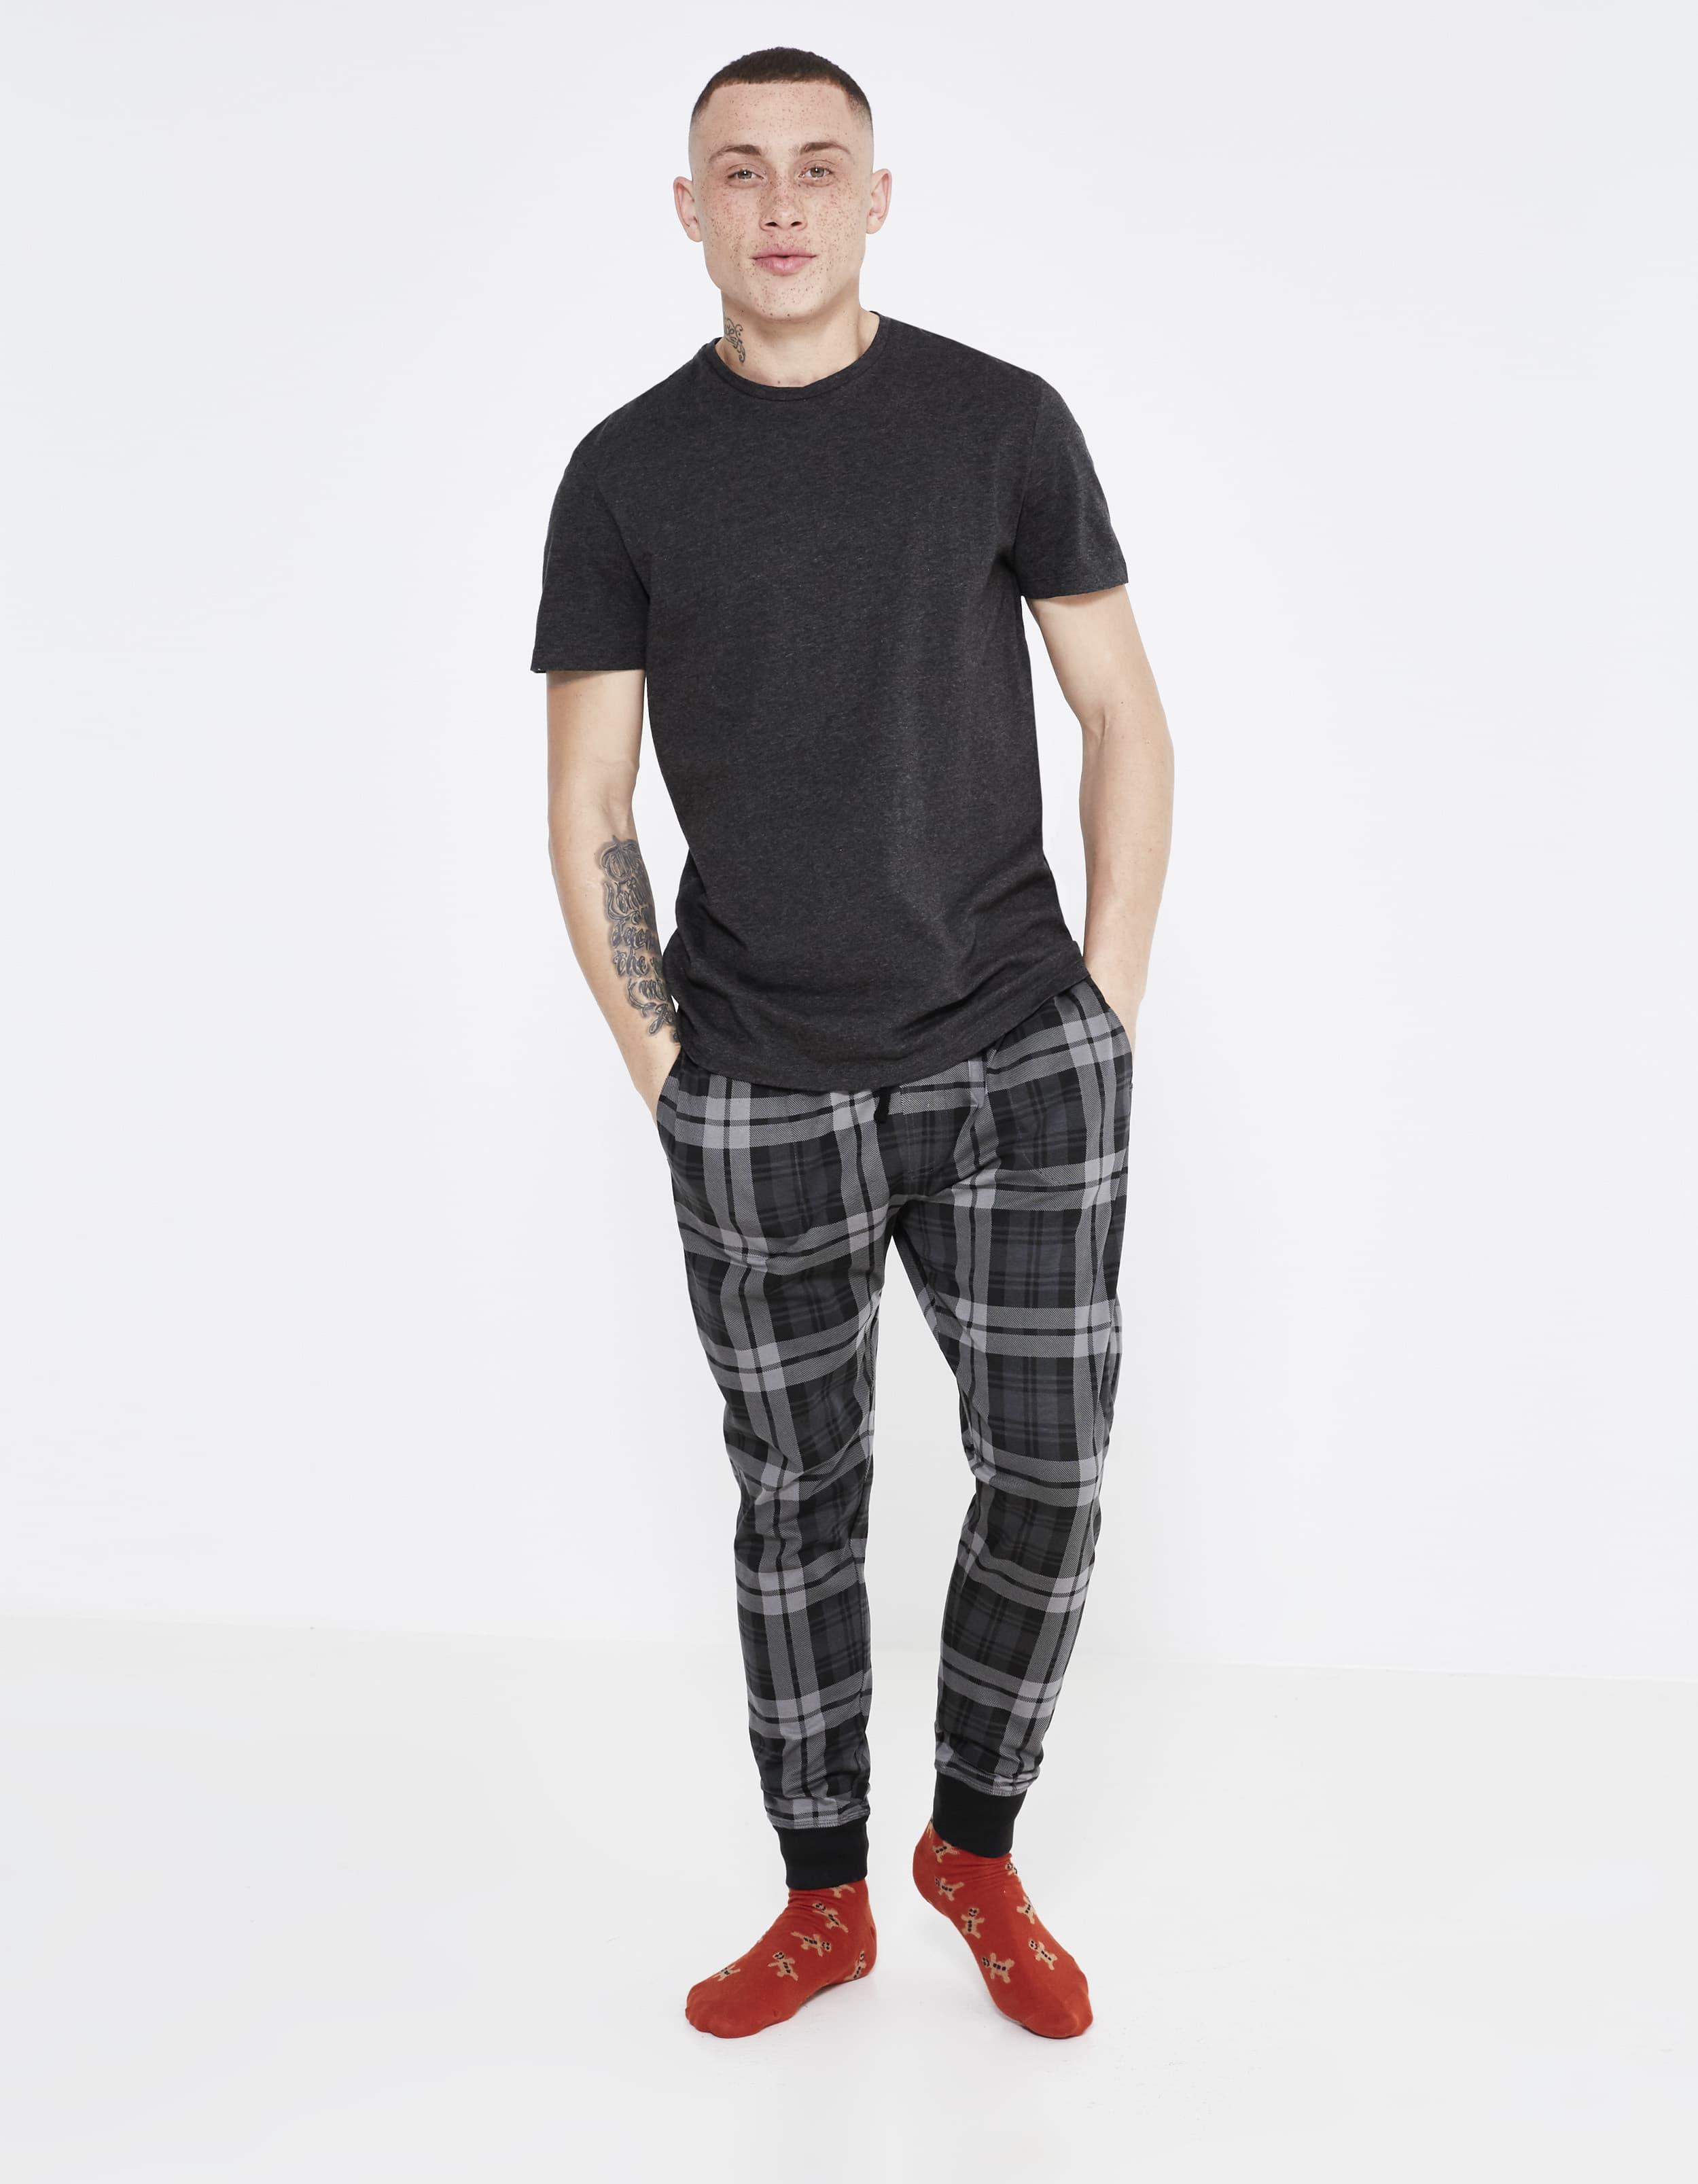 Pyjama: le vêtement d'intérieur devenu incontournable?